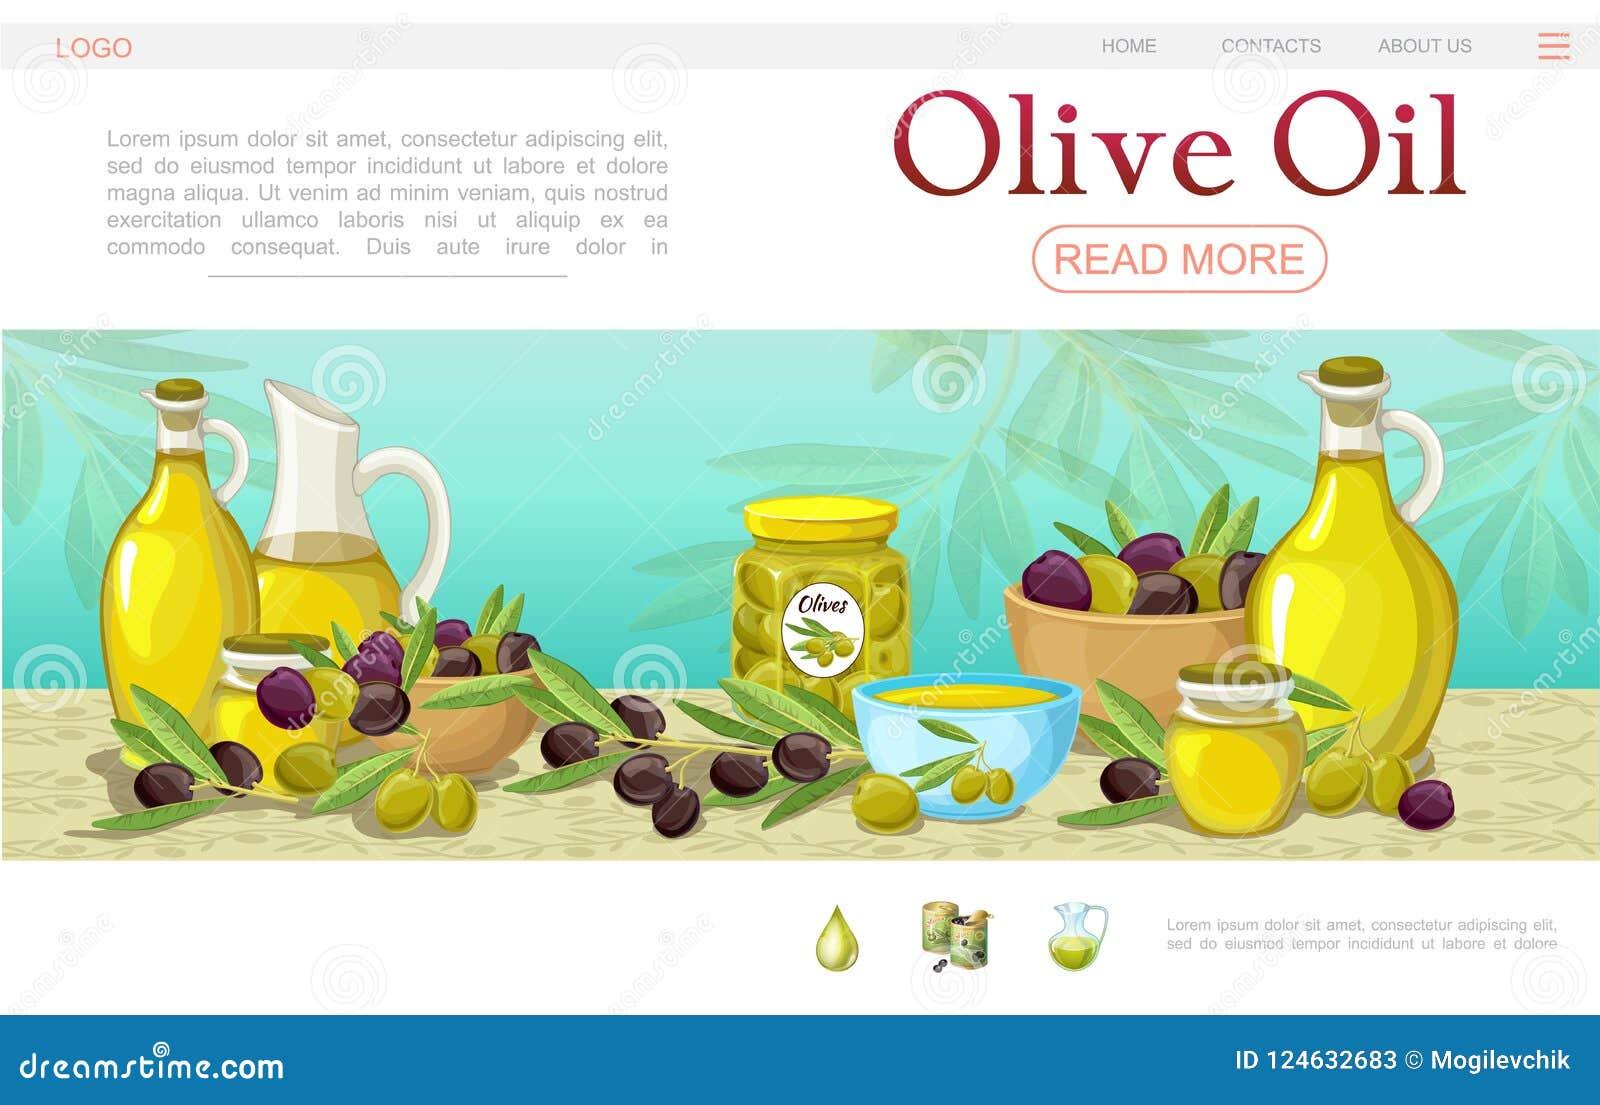 Шаблон интернет-страницы оливкового масла шаржа